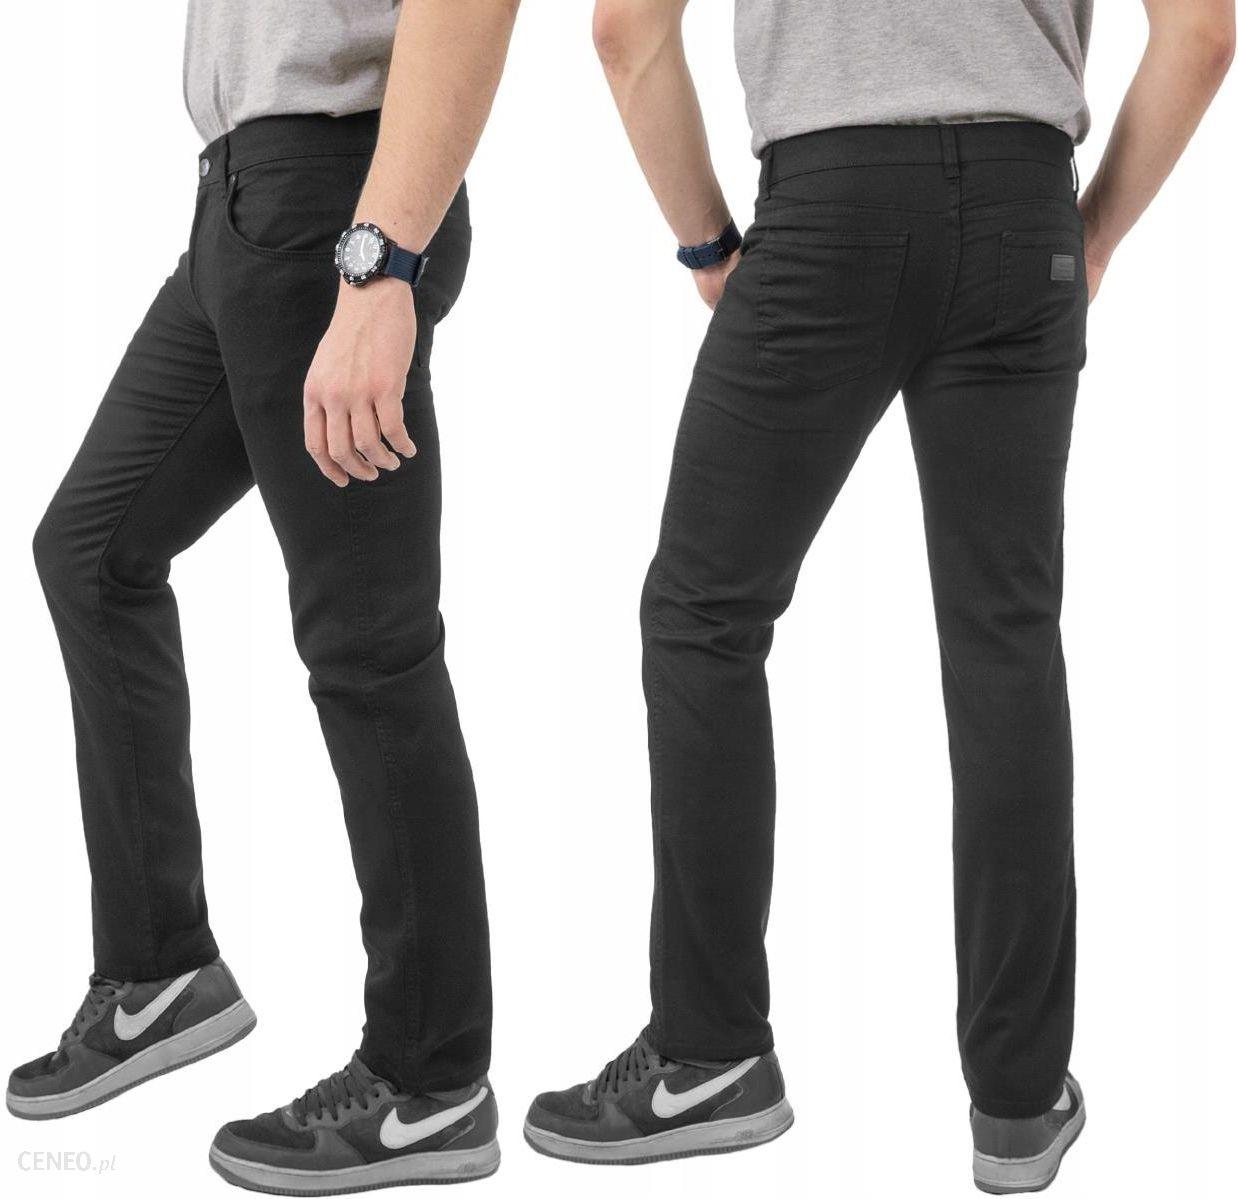 8c9edd78 Czarne Spodnie Męskie Jeans Hunter 110/8 120 cm/32 - Ceny i opinie -  Ceneo.pl